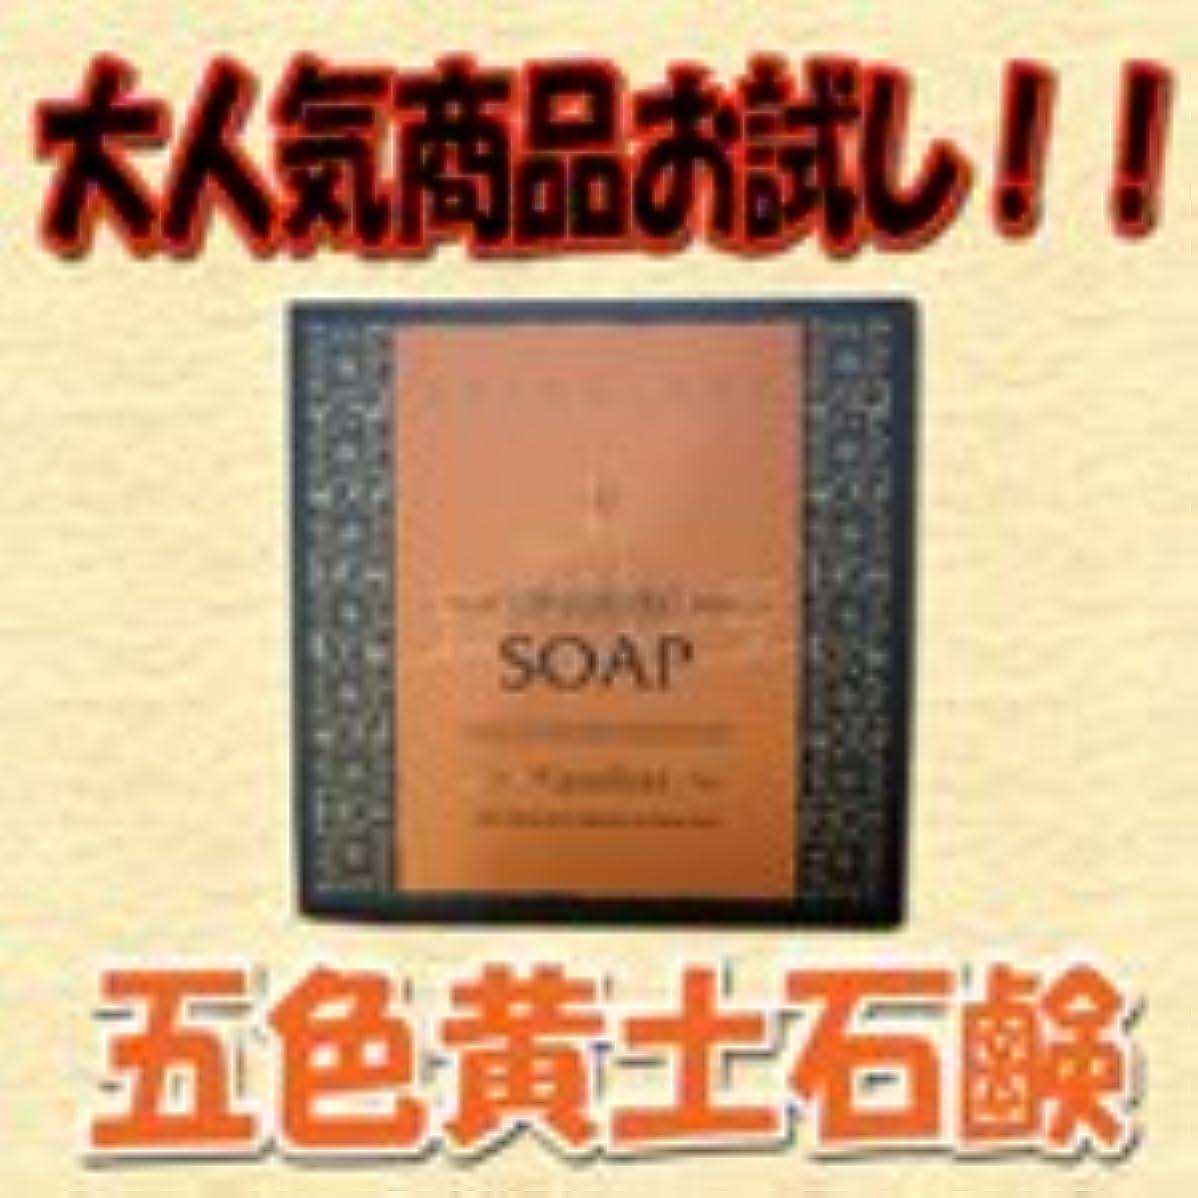 気楽な処理シマウマ五色黄土石鹸 トライアルセット 20g 1個入り 【天然ミネラル】